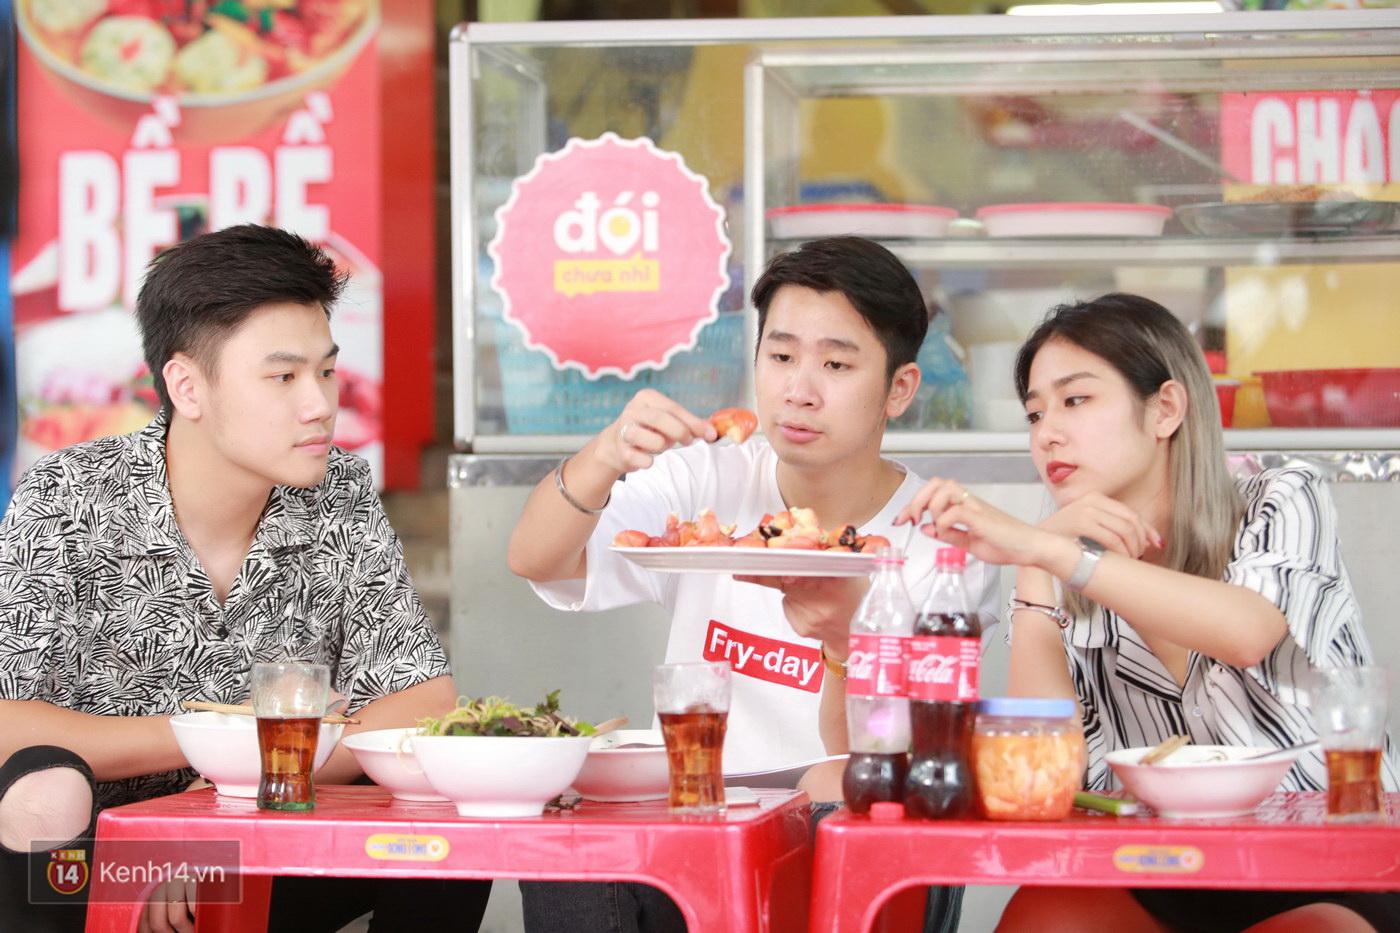 Đói Chưa Nhỉ: Những khoảnh khắc đáng yêu của cặp đôi nổi tiếng Tùng Sơn - Trang Lou - Ảnh 11.